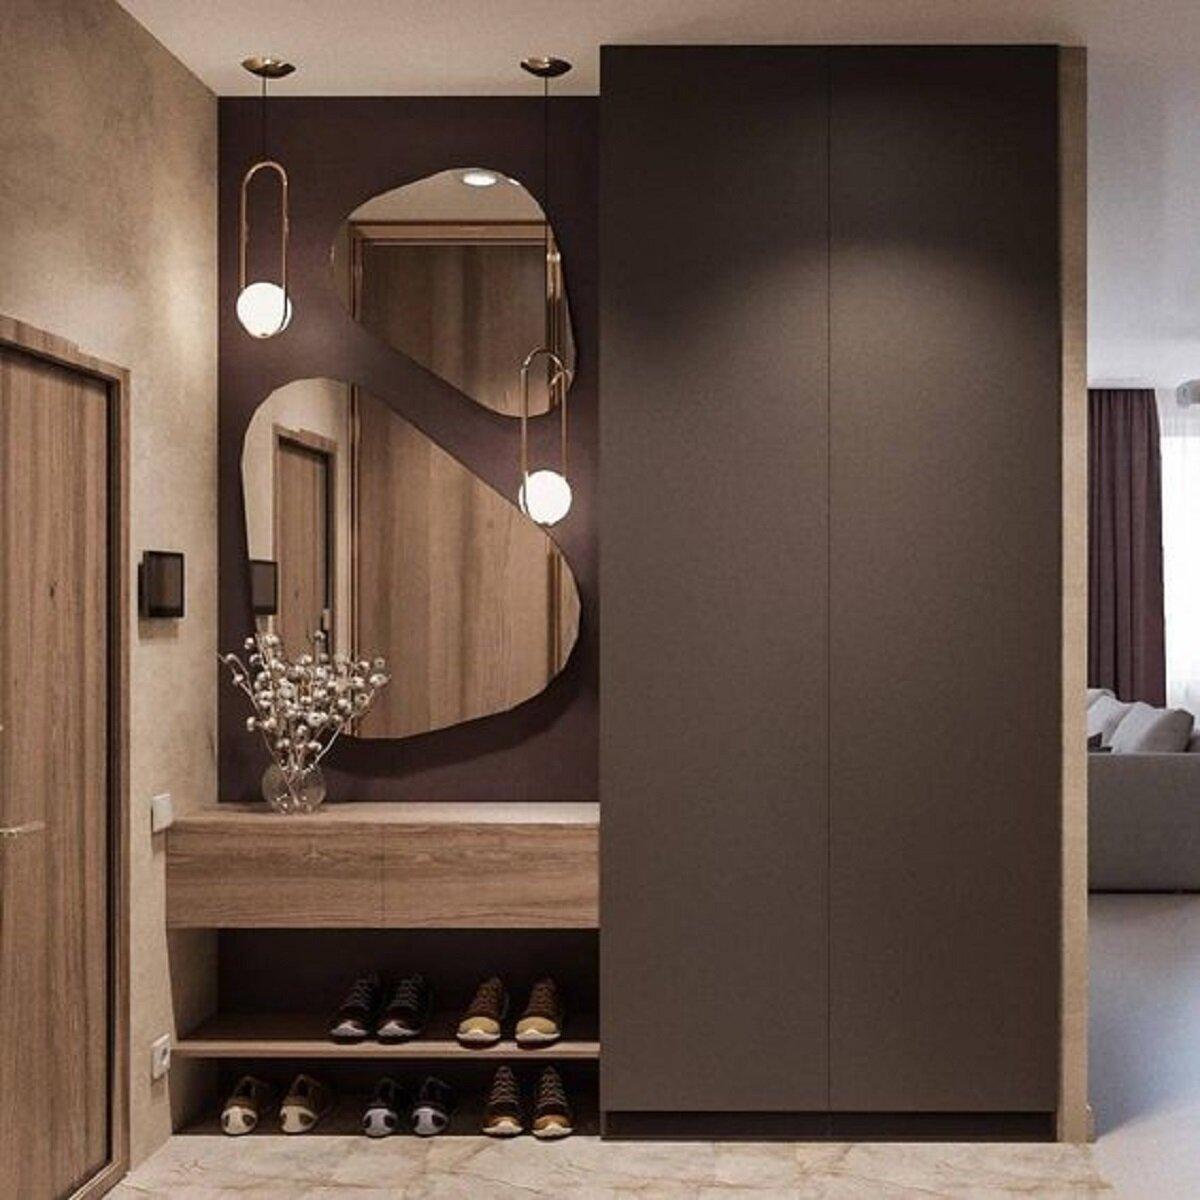 Гостиная в стиле модерн: особенности дизайна, фото в интерьере